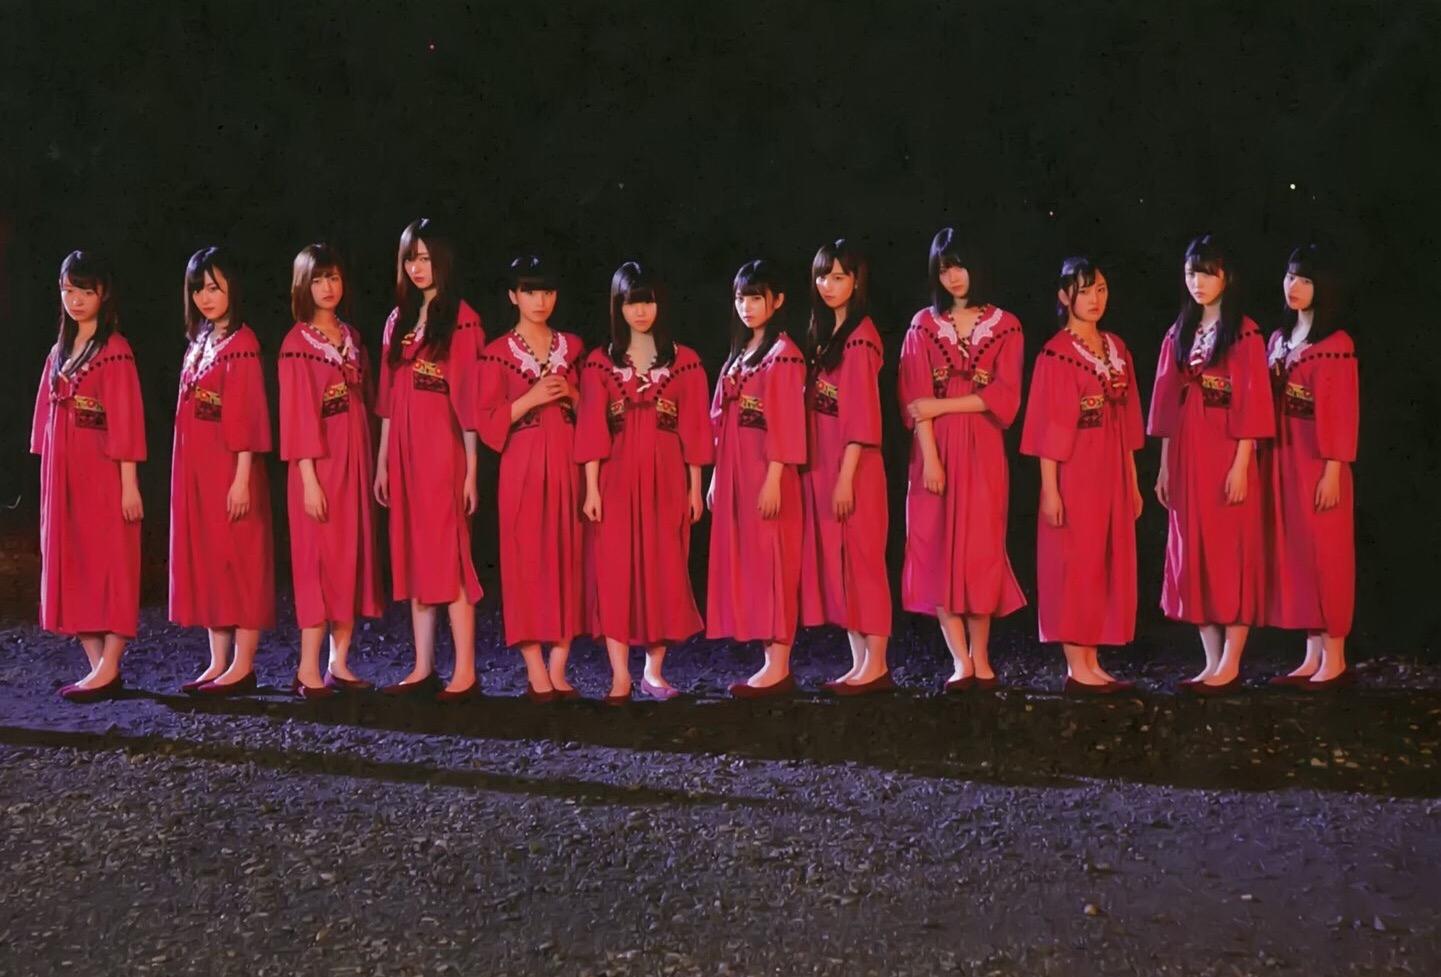 【エンタメ画像】【乃木坂46】3期生の新曲『ポクの衝動』MVフル解禁!りりあんセンターいいやんか